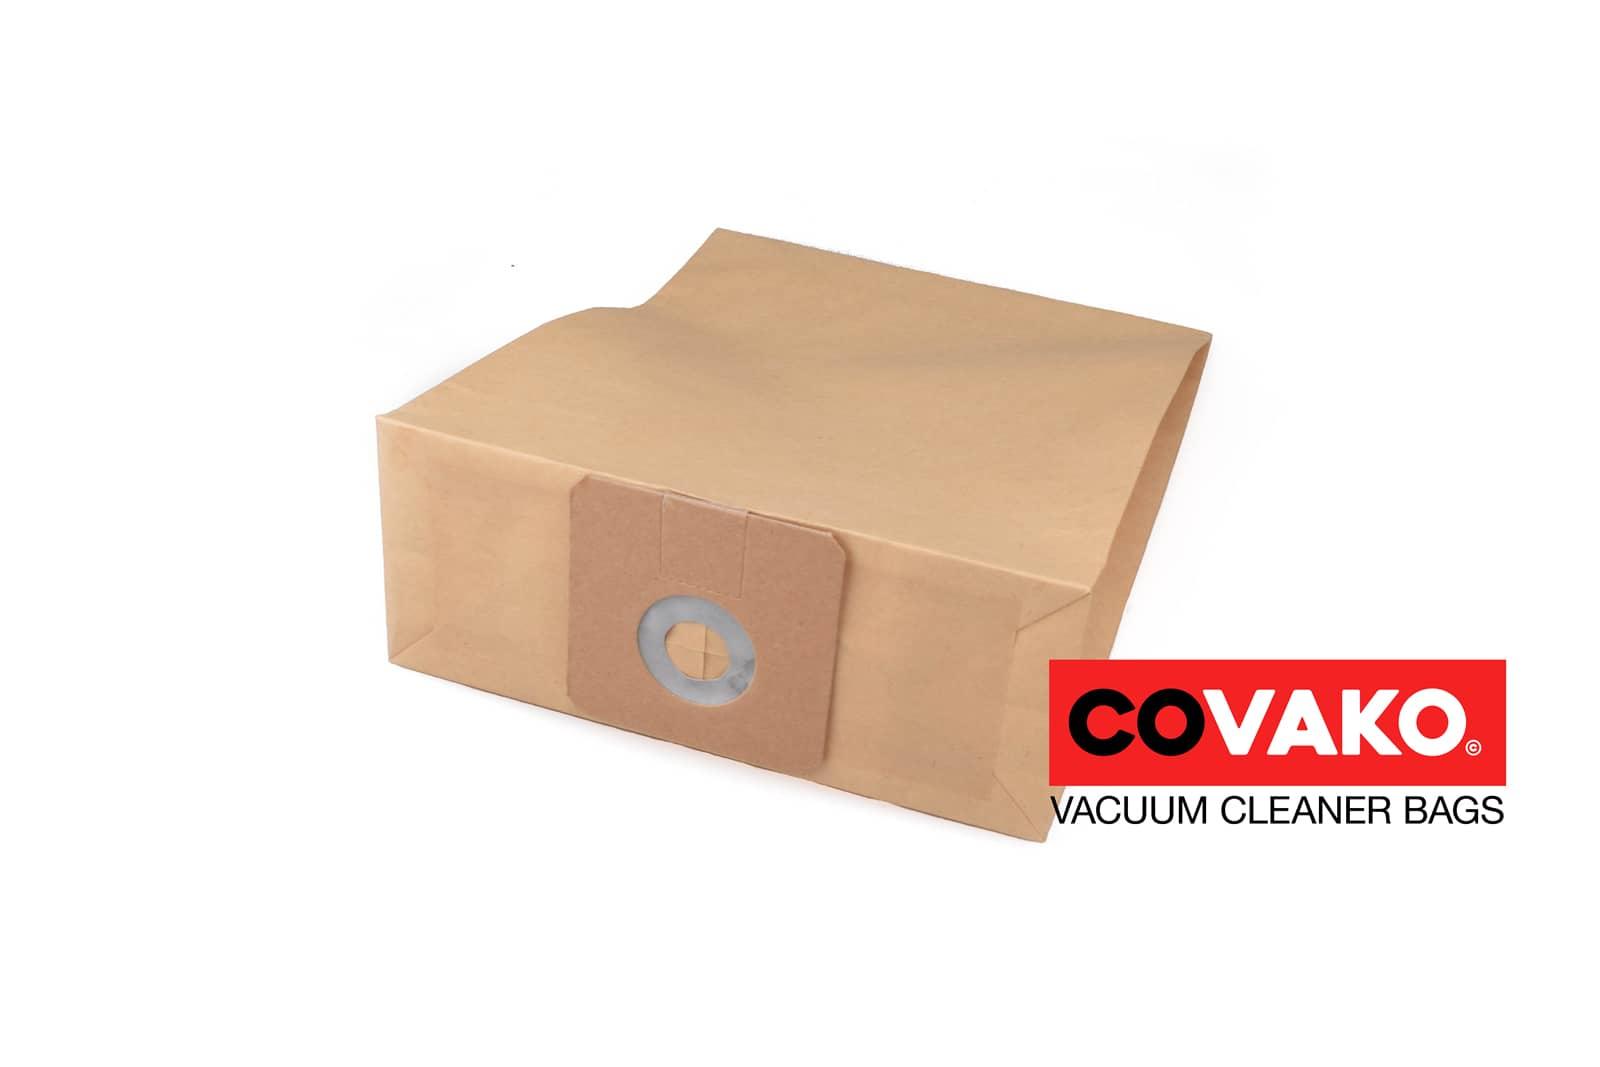 Ecolab S 12 / Paper - Ecolab vacuum cleaner bags